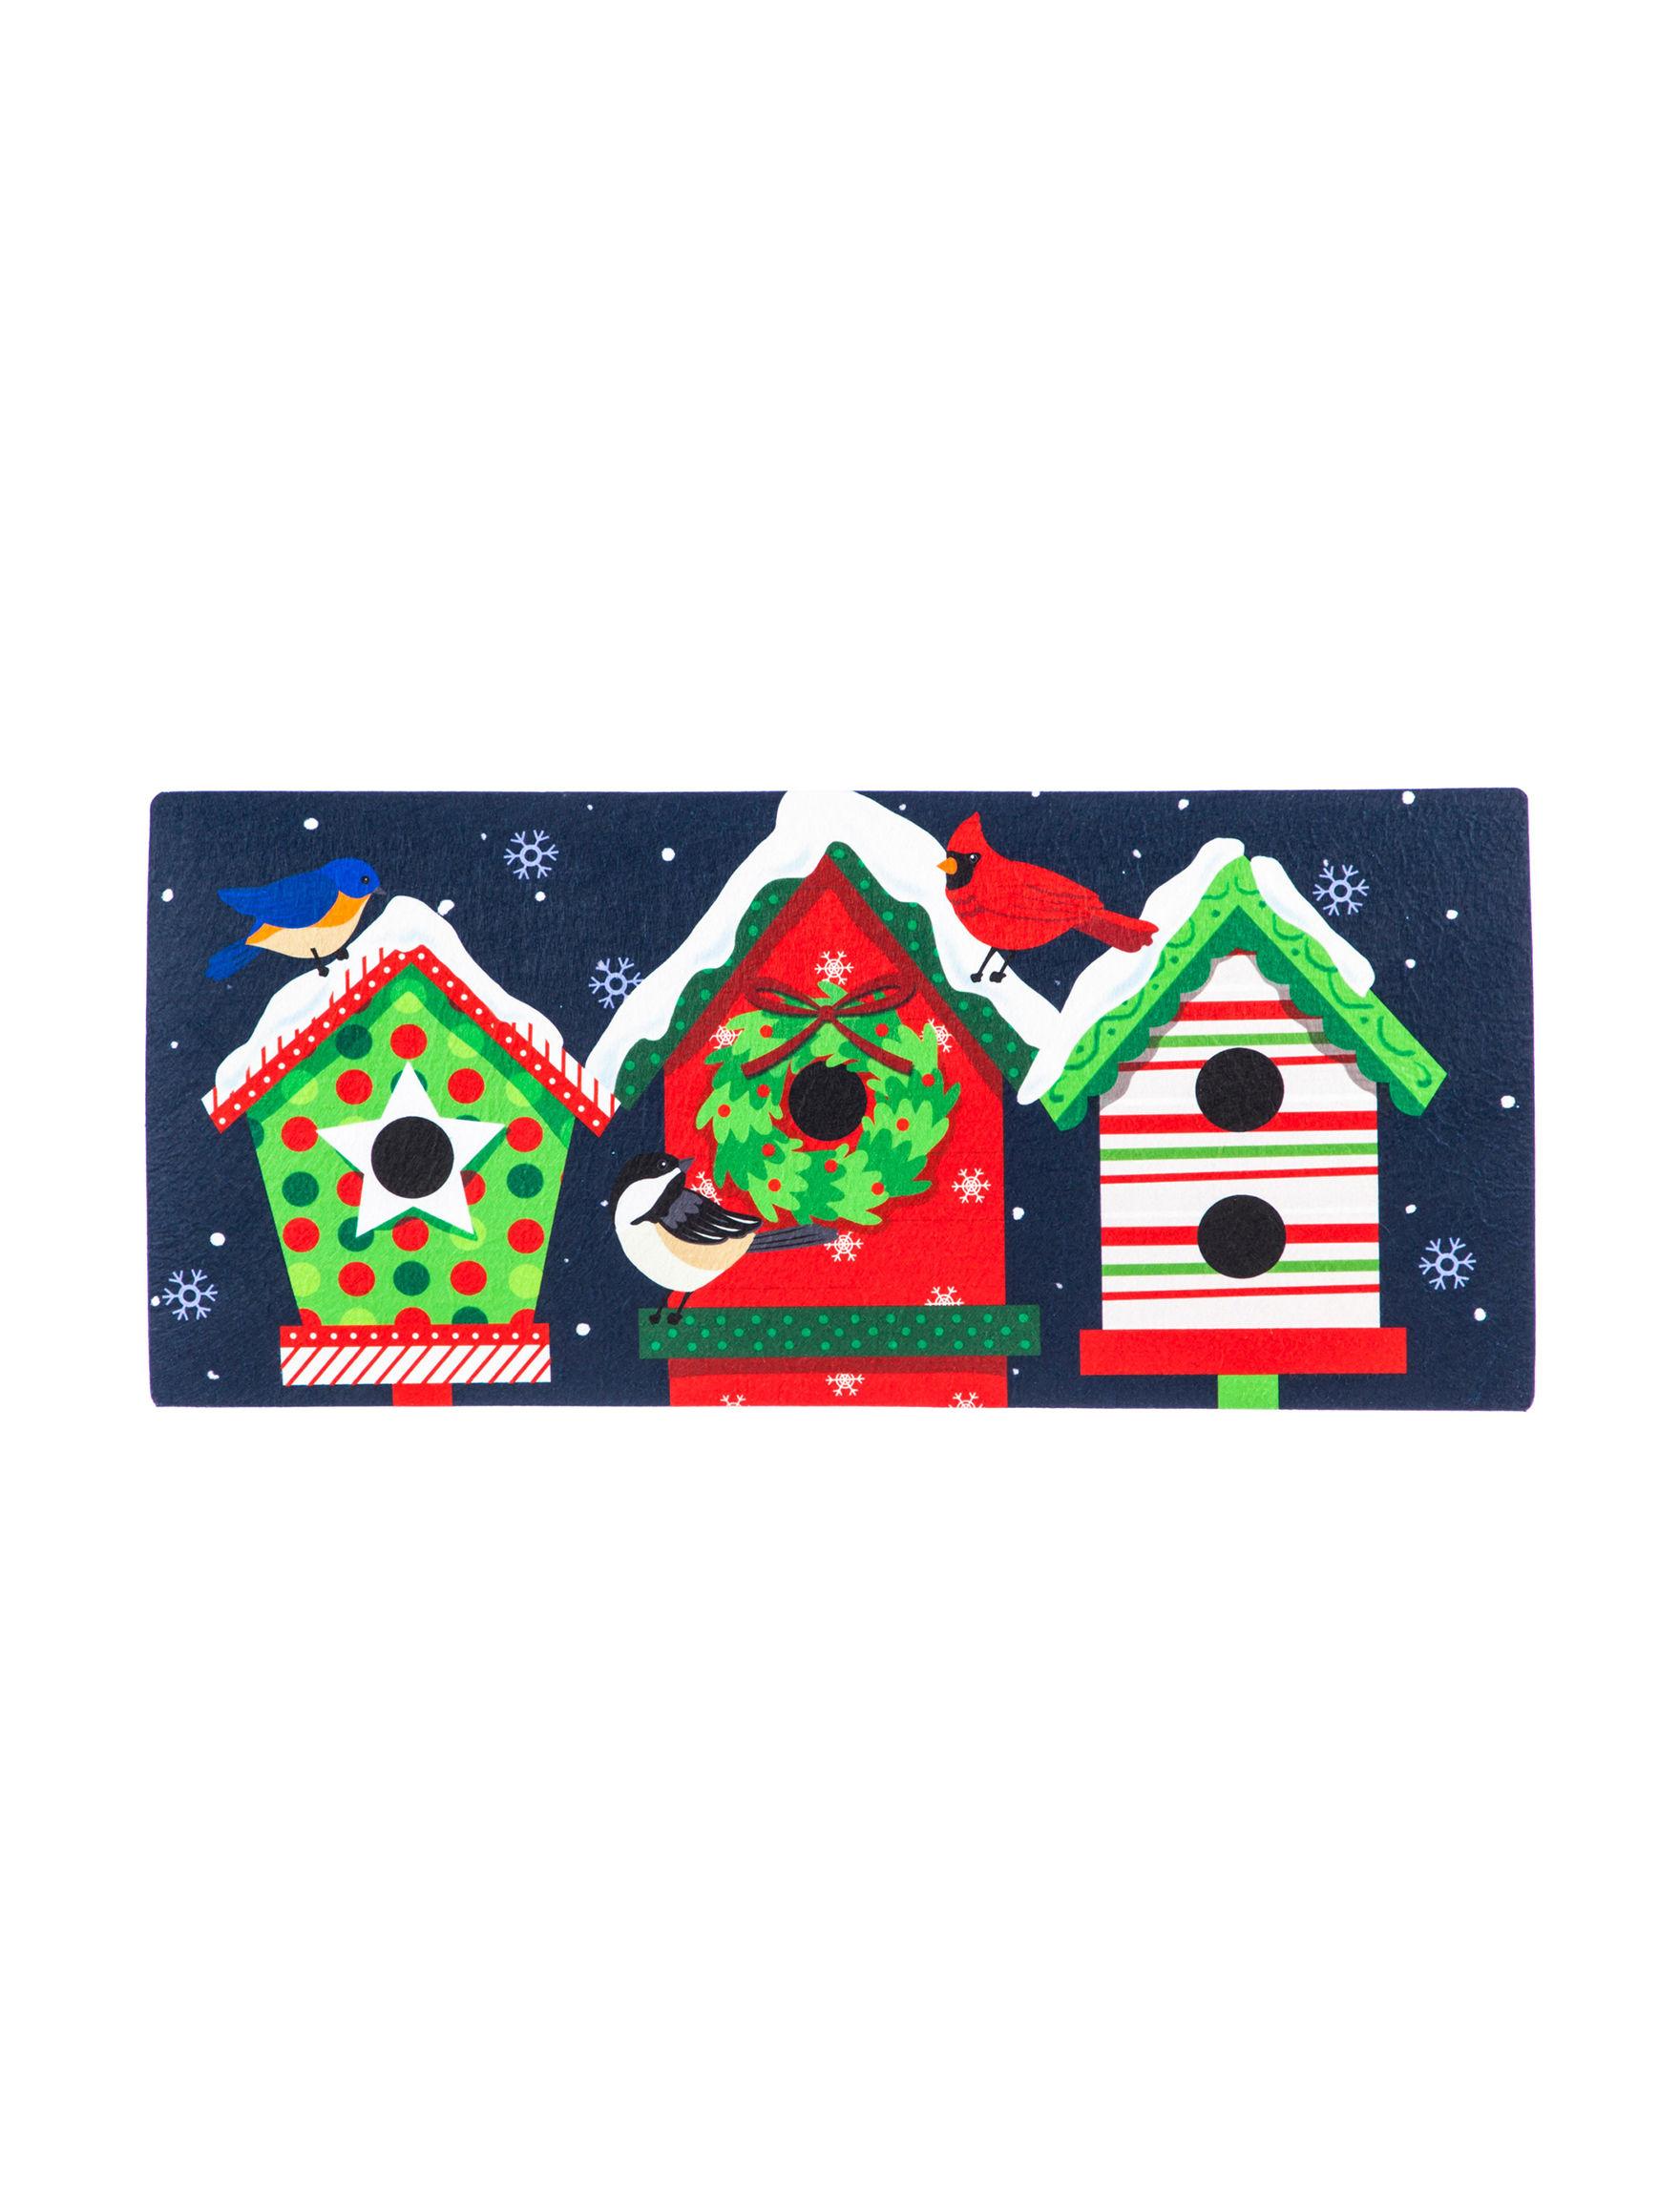 Evergreen Navy / Multi Outdoor Rugs & Doormats Outdoor Decor